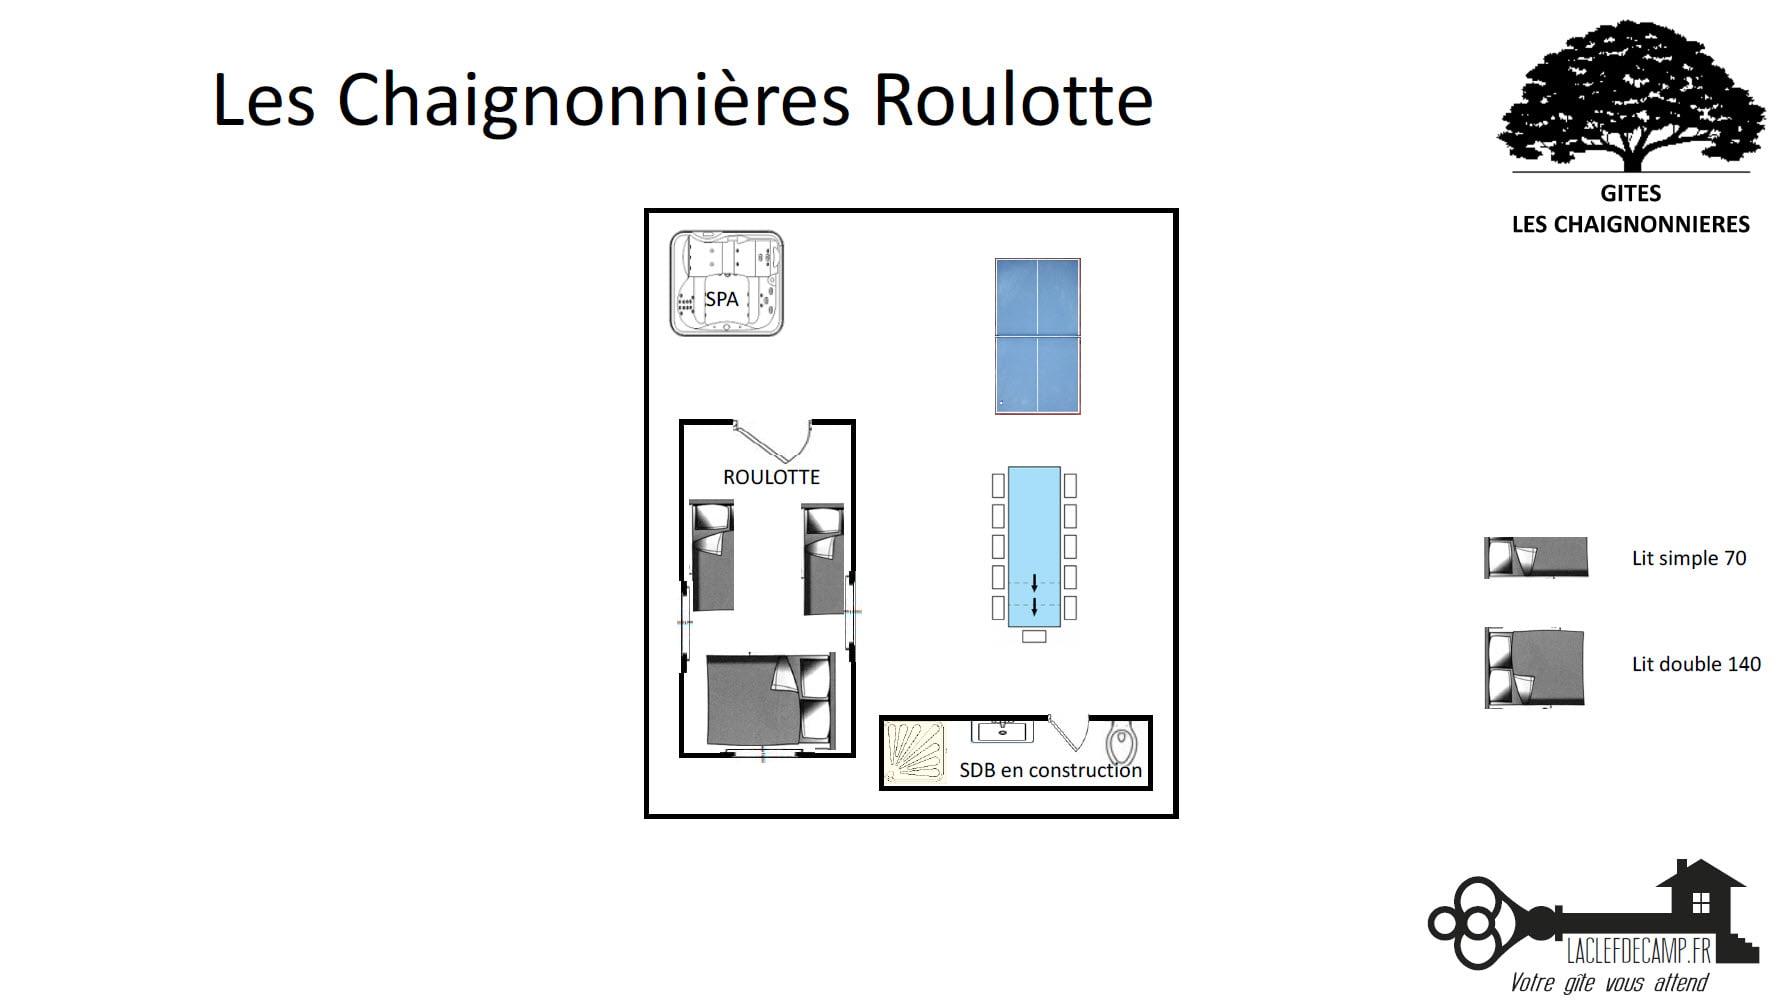 Roulotte - Les Cornillières - Location de Gite La Clef Decamp - Laclefdecamp.fr